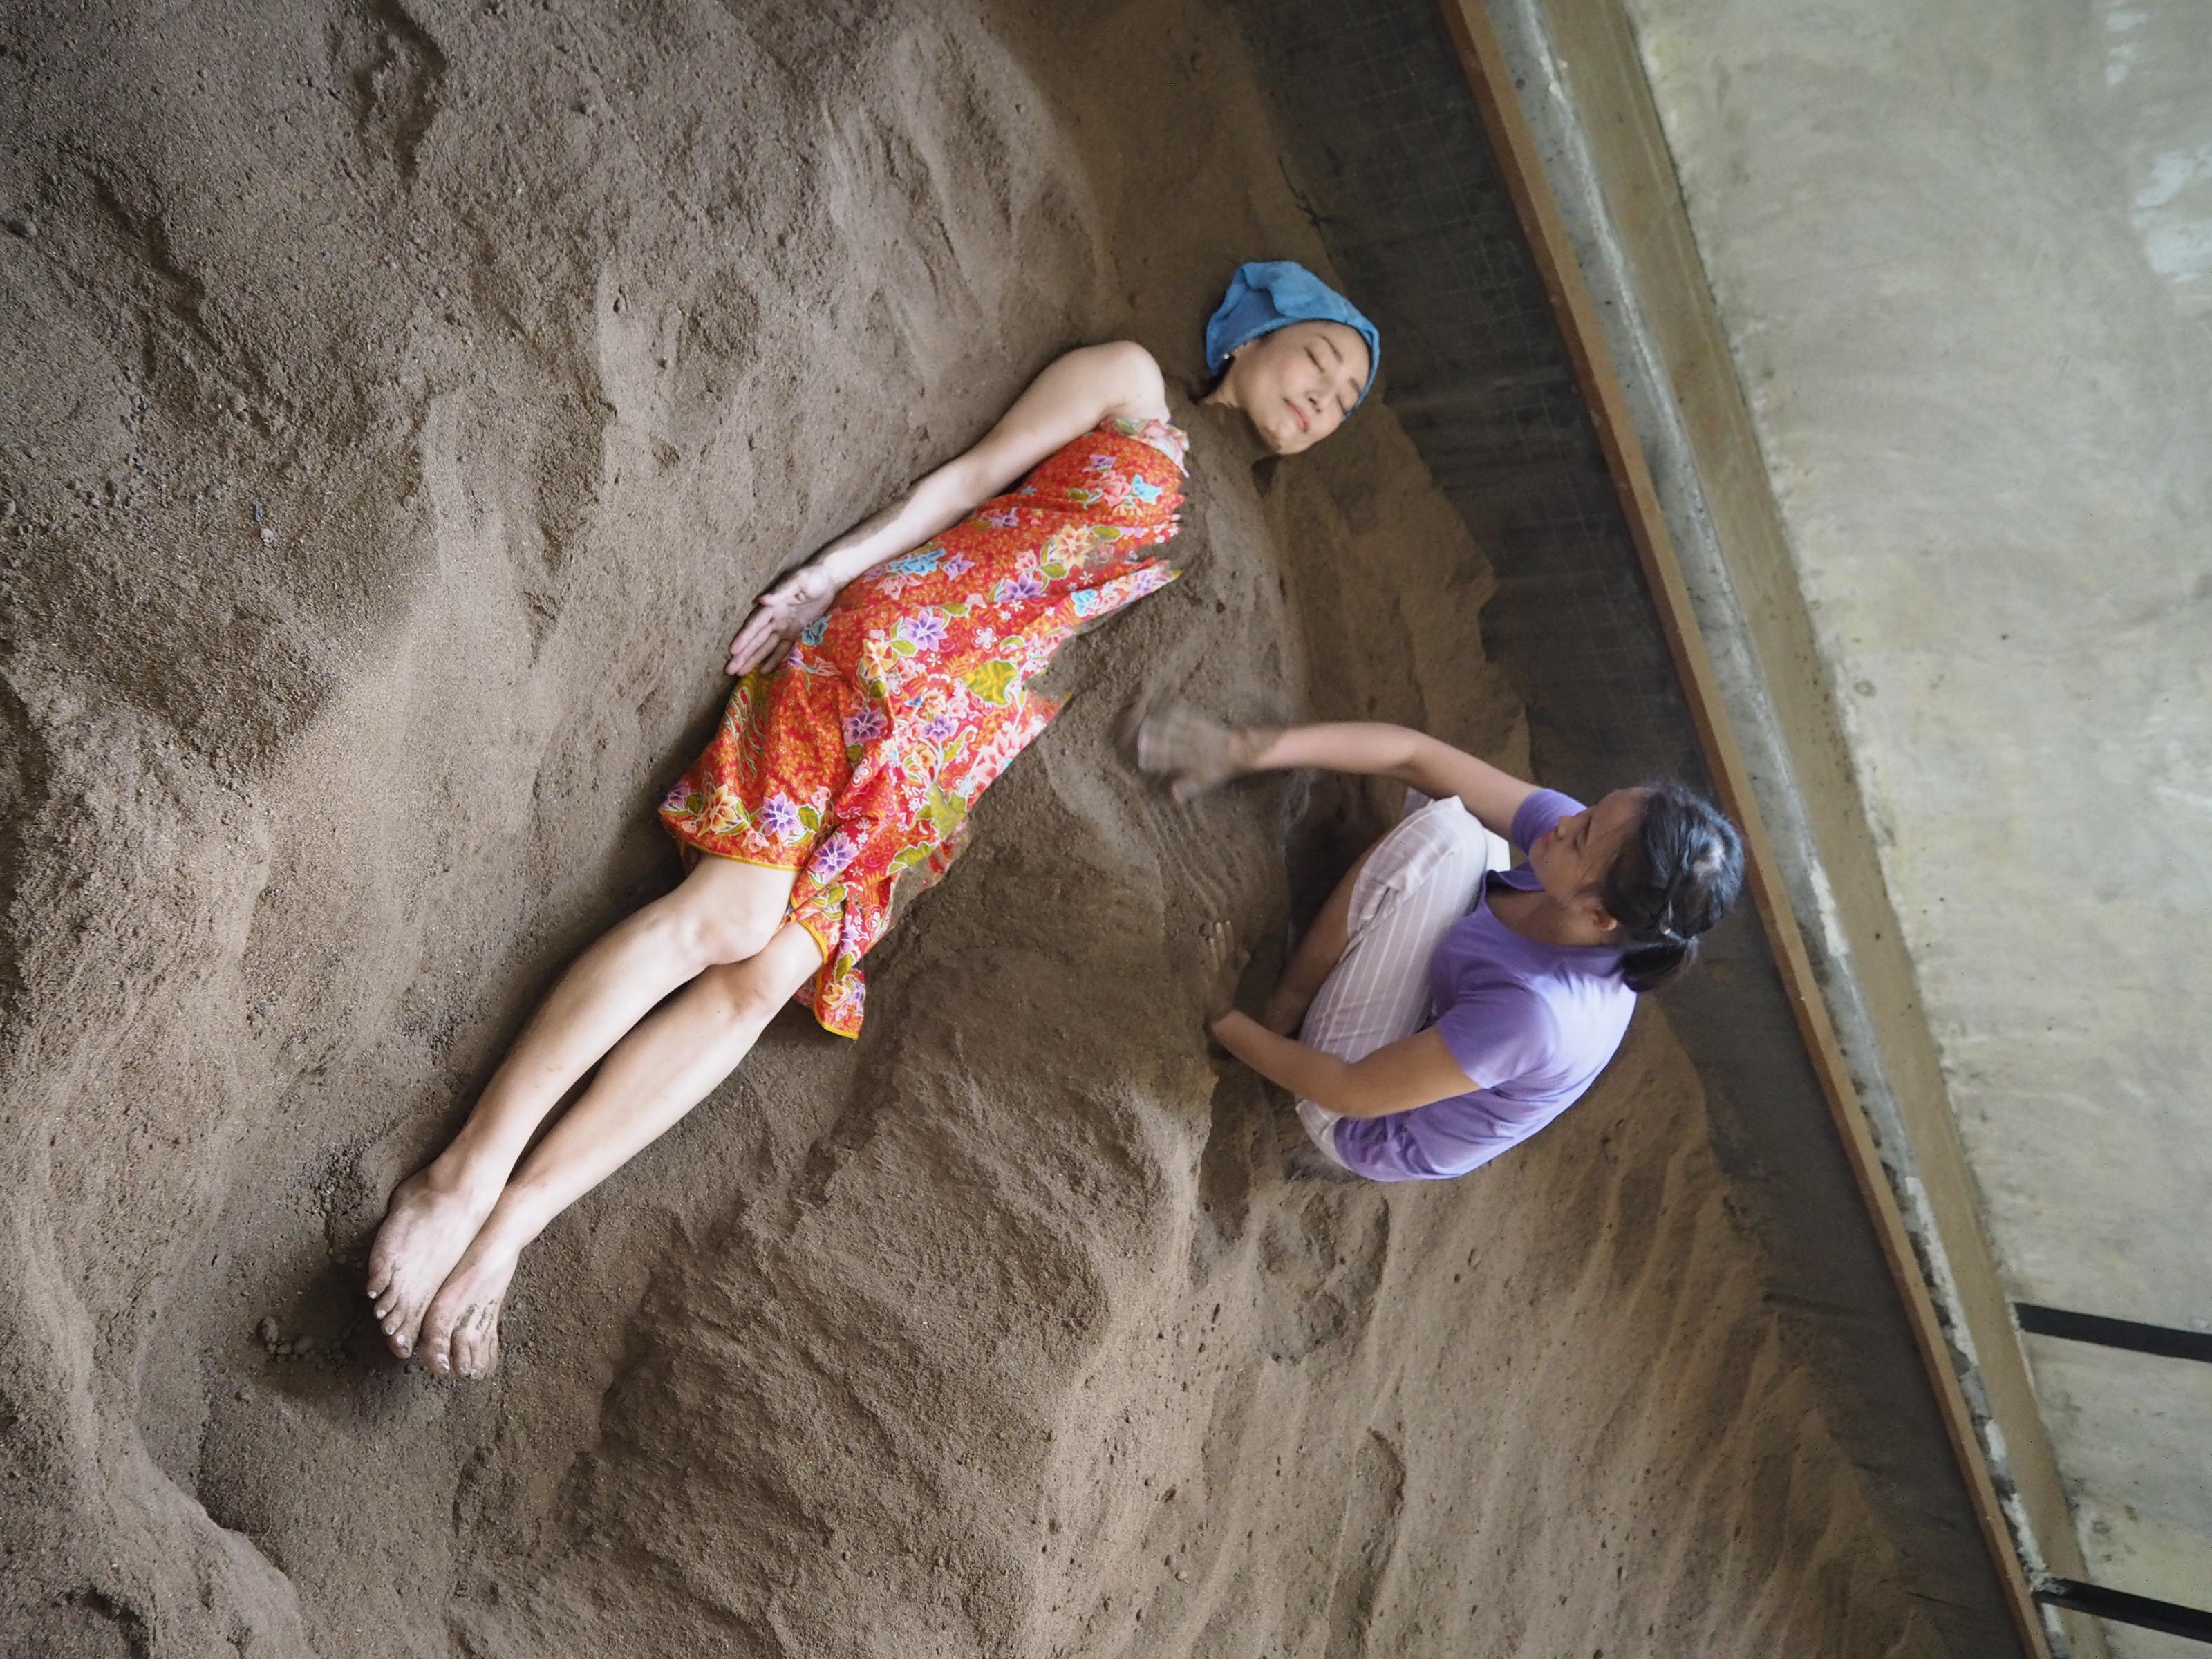 タイでのゴルフ後の疲労回復・健康作りにぴったり!免疫力をアップする「サラブラン」の酵素風呂